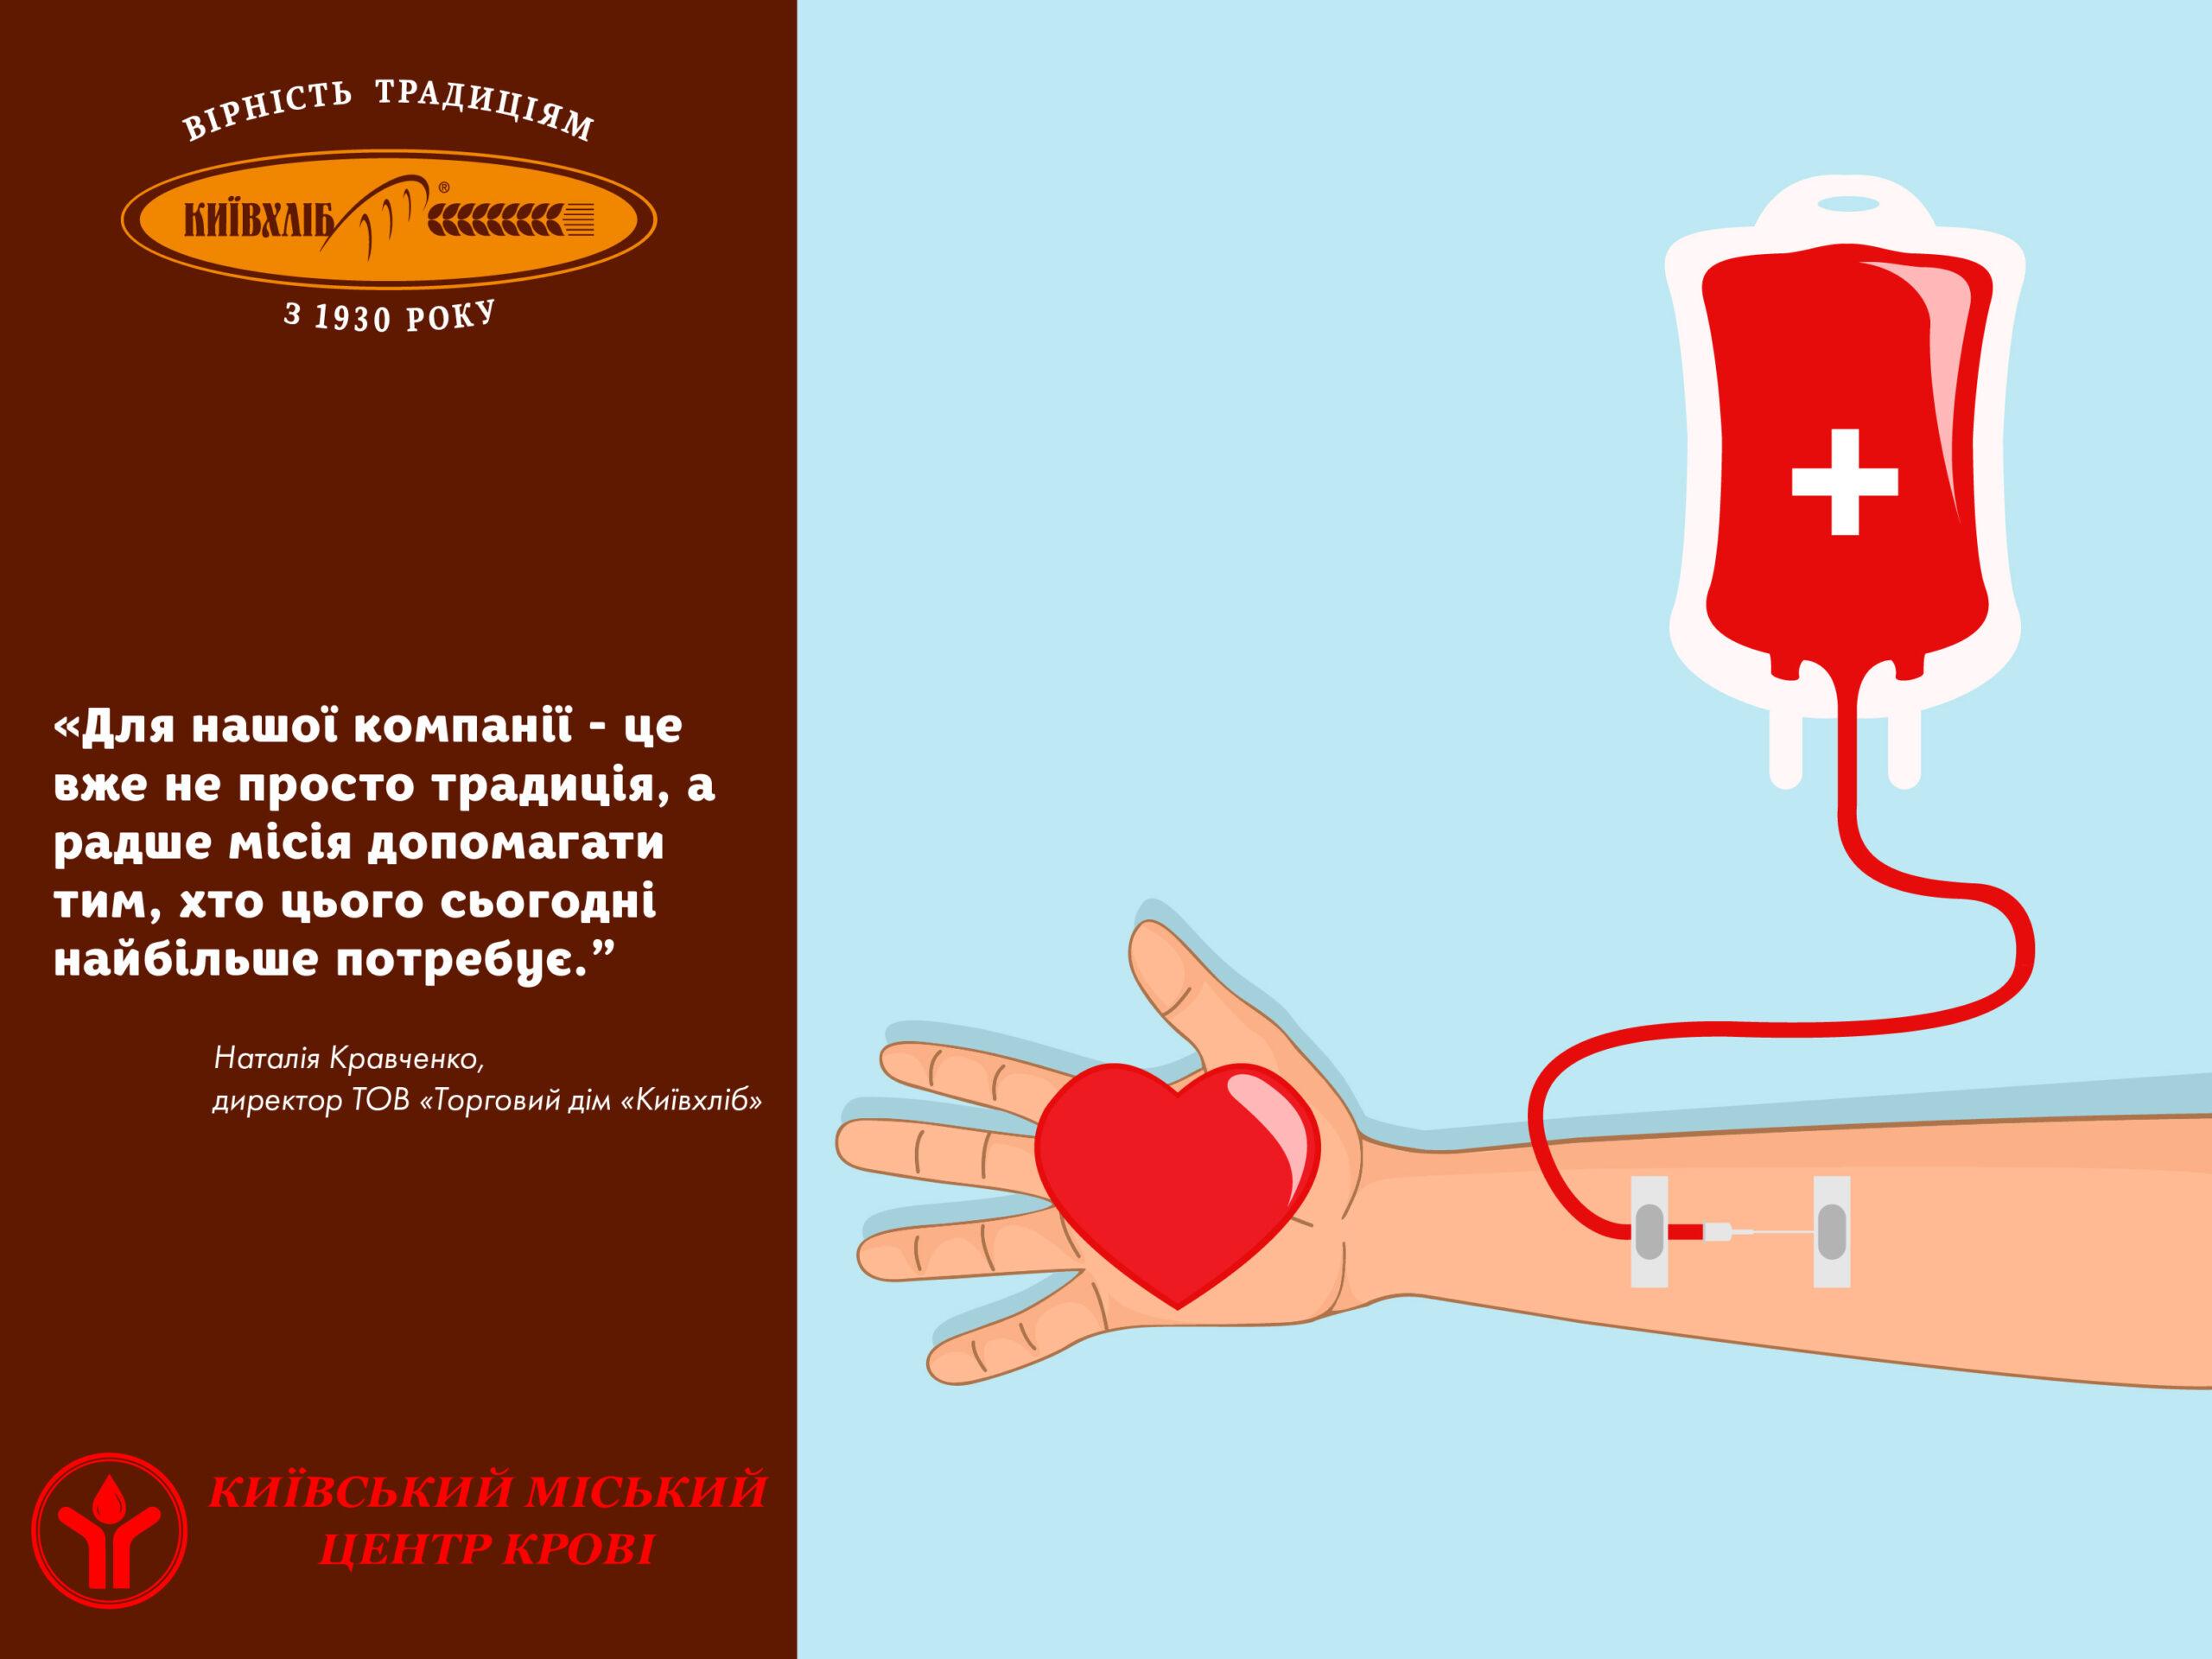 Пропагування донорства